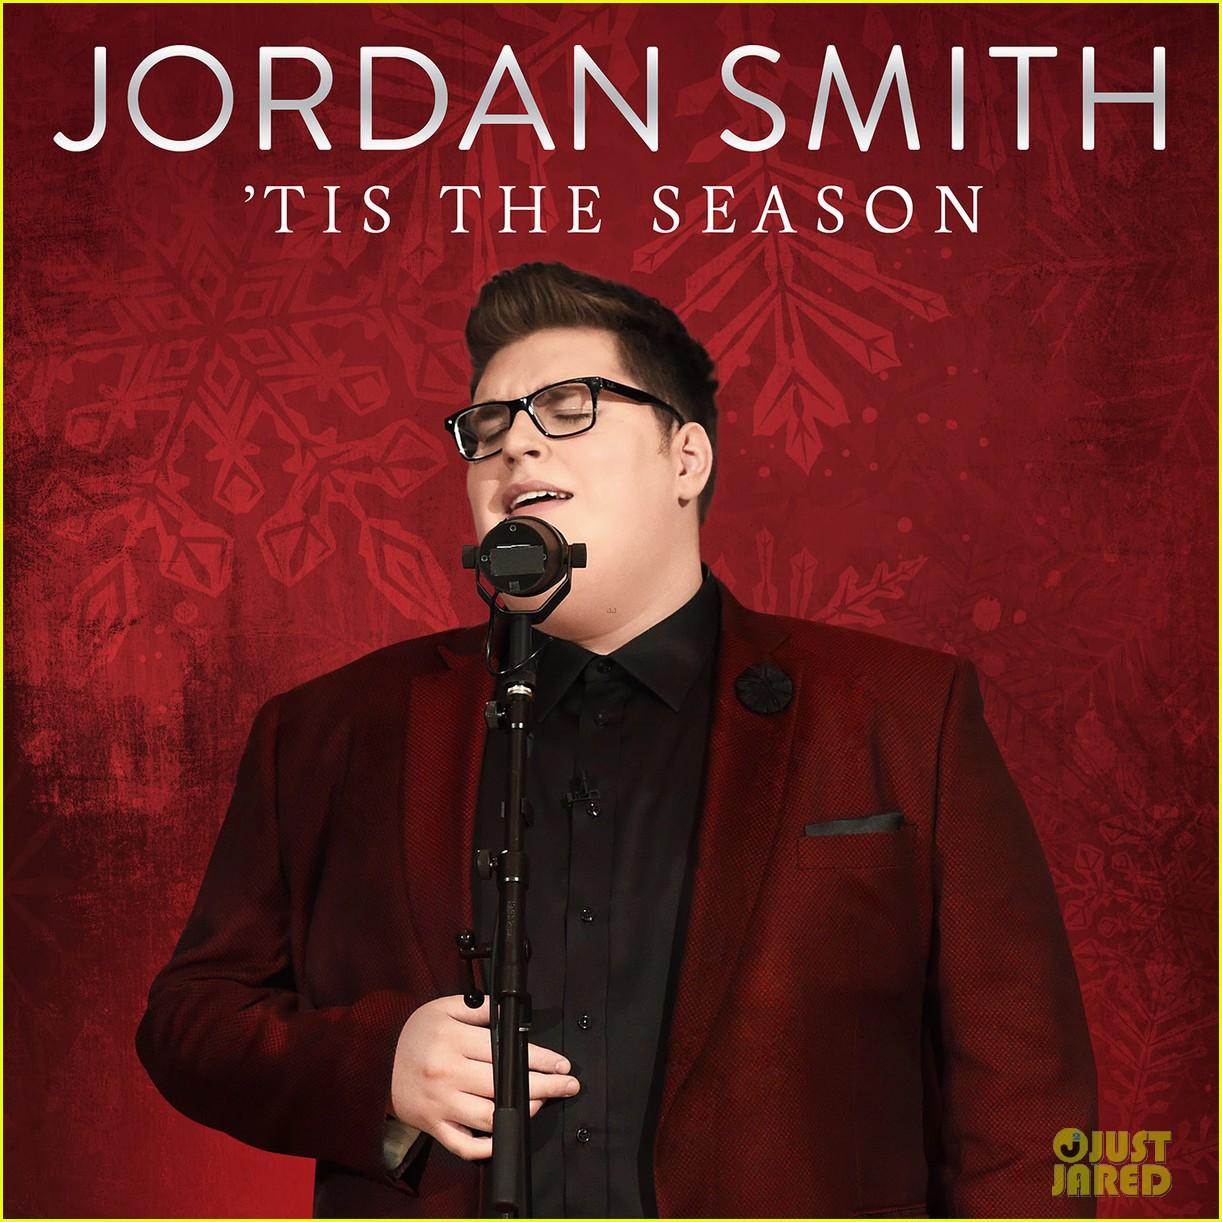 Jordan Smith Announces Christmas Album \'Tis the Season\' | Photo ...